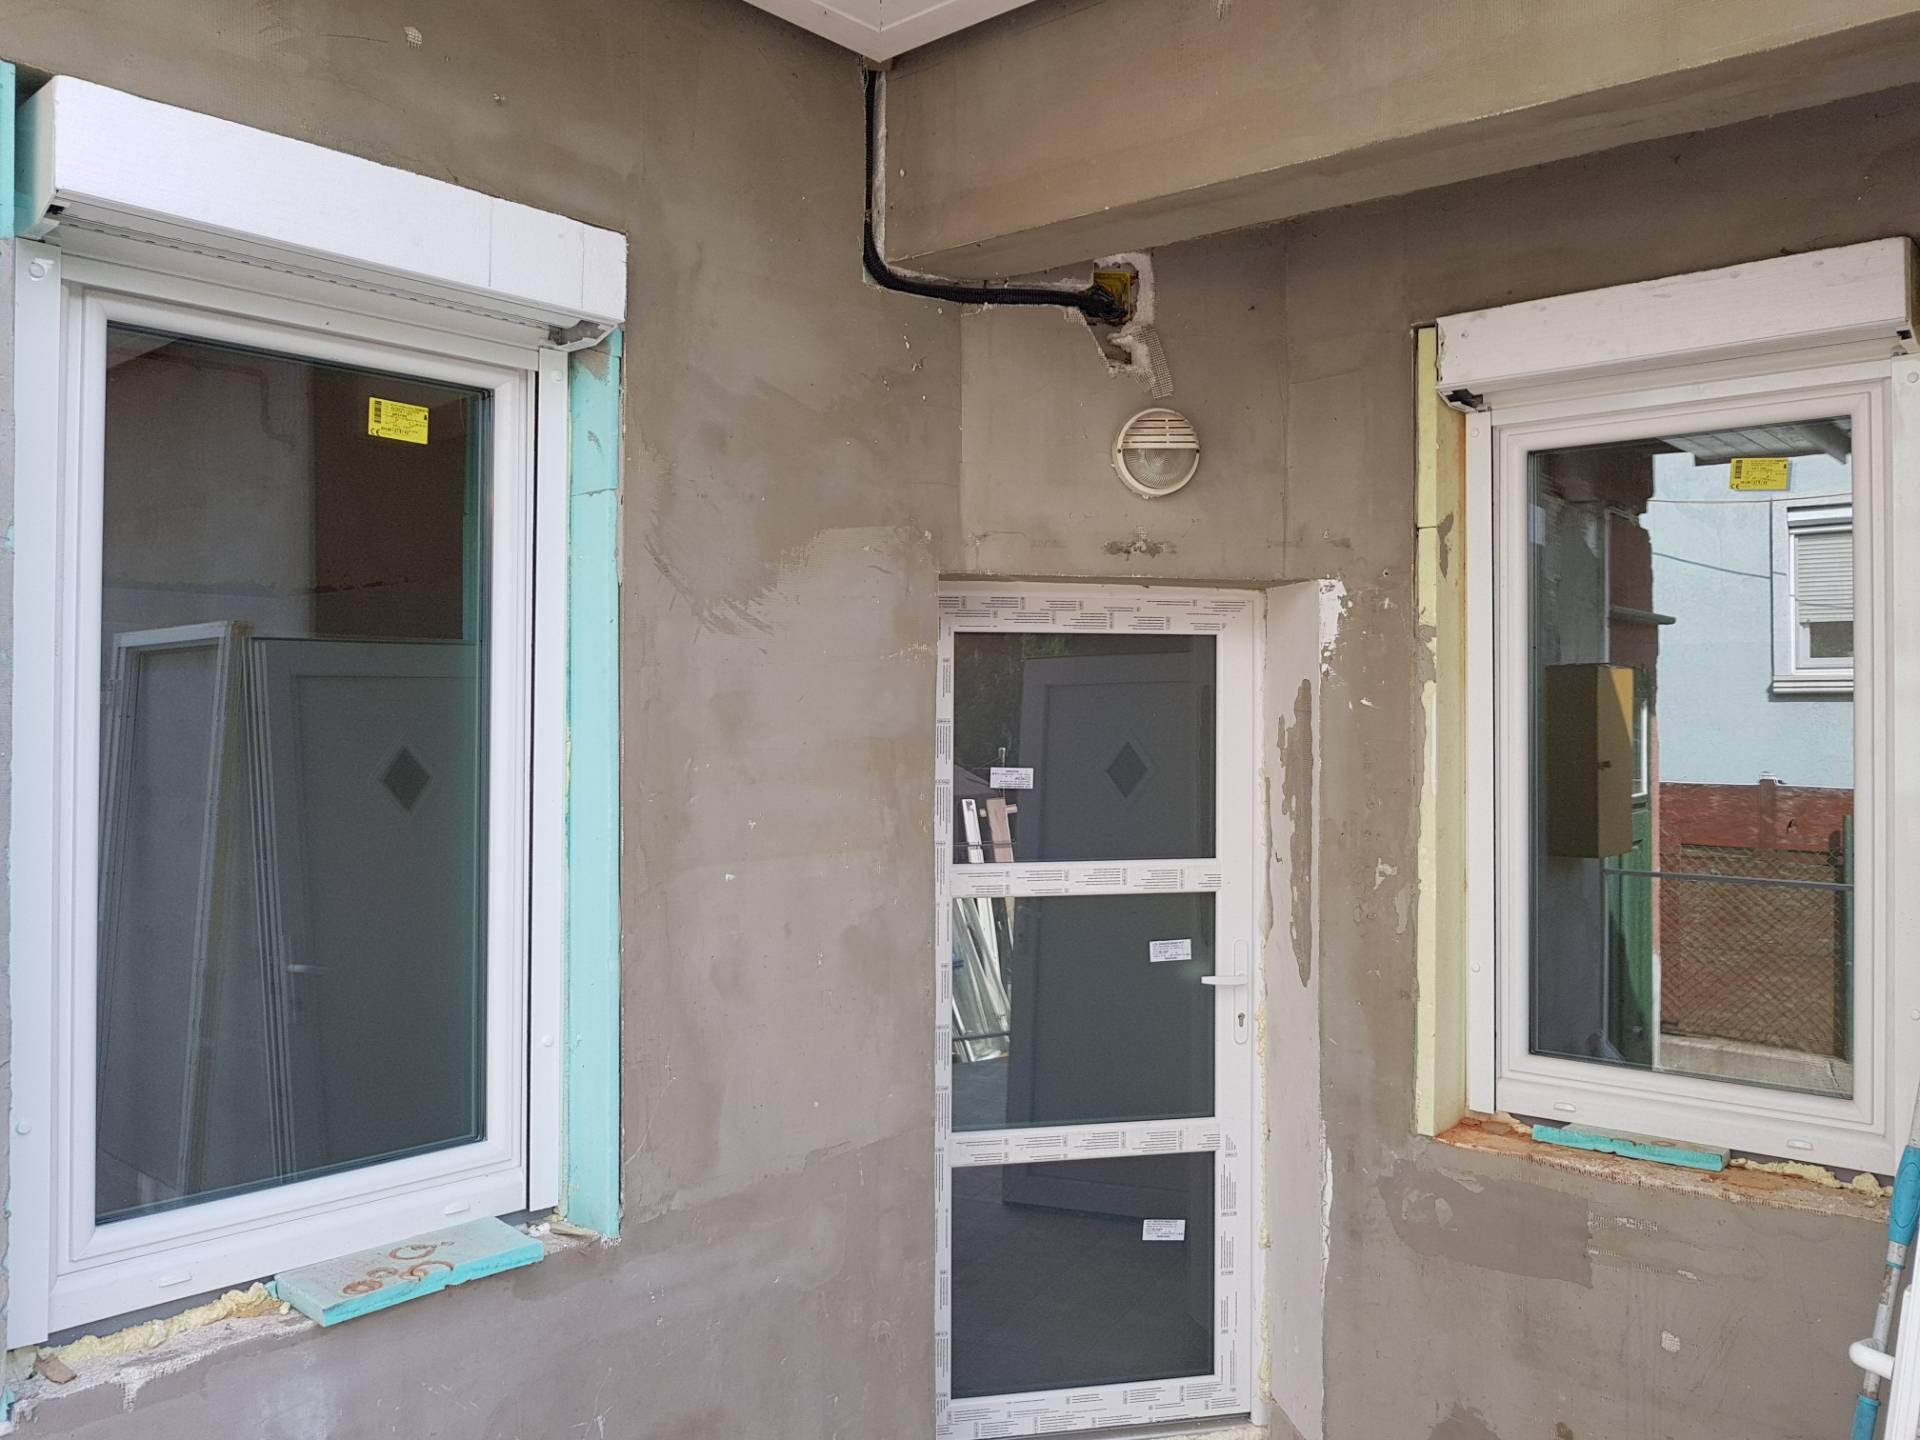 Ajtó, ablakok és redőnyök beépítve